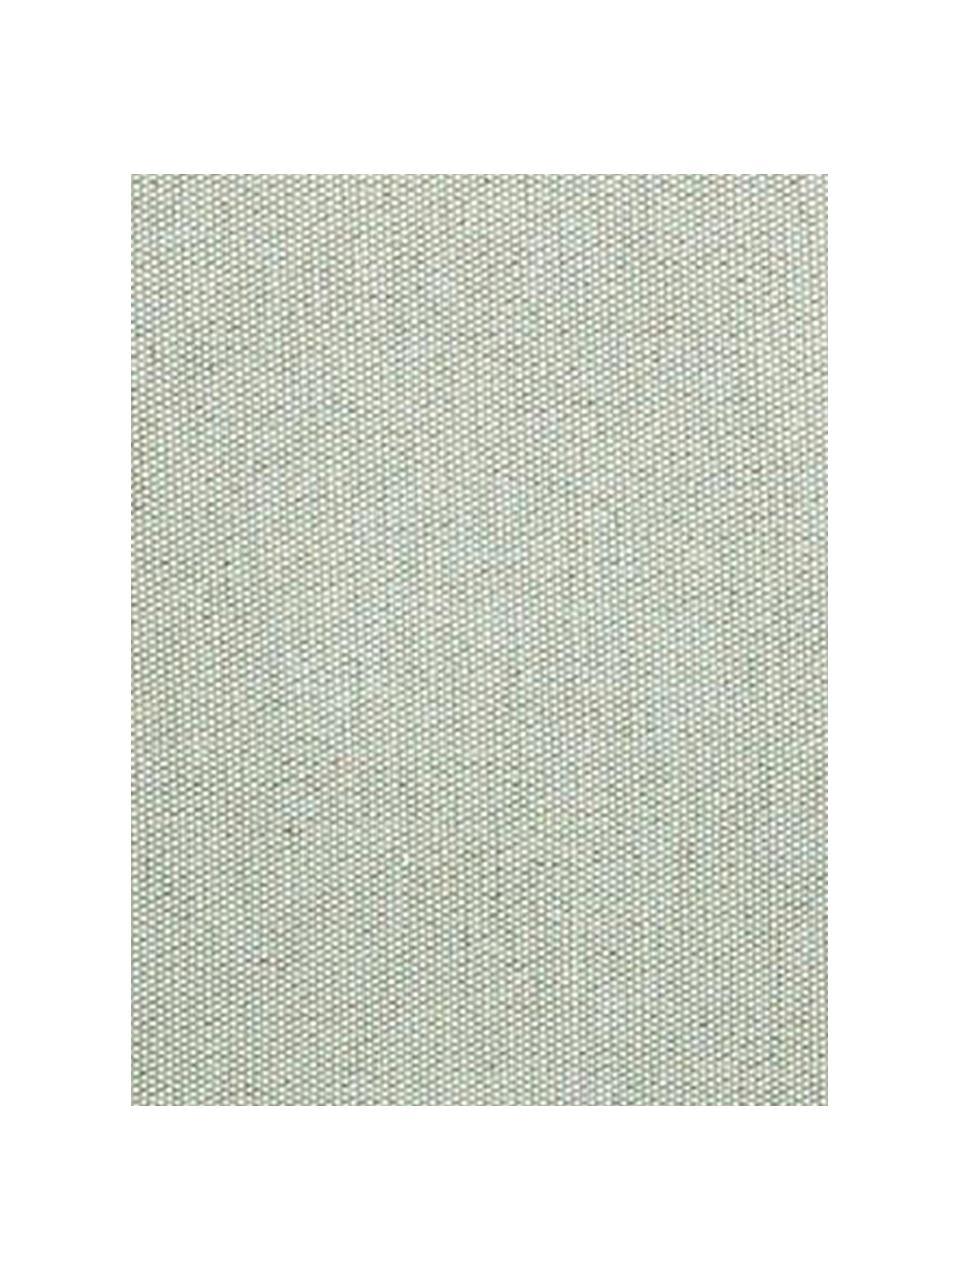 Copridivano Levante, 65% cotone, 35% poliestere, Verde grigio, Larg. 200 x Alt. 110 cm